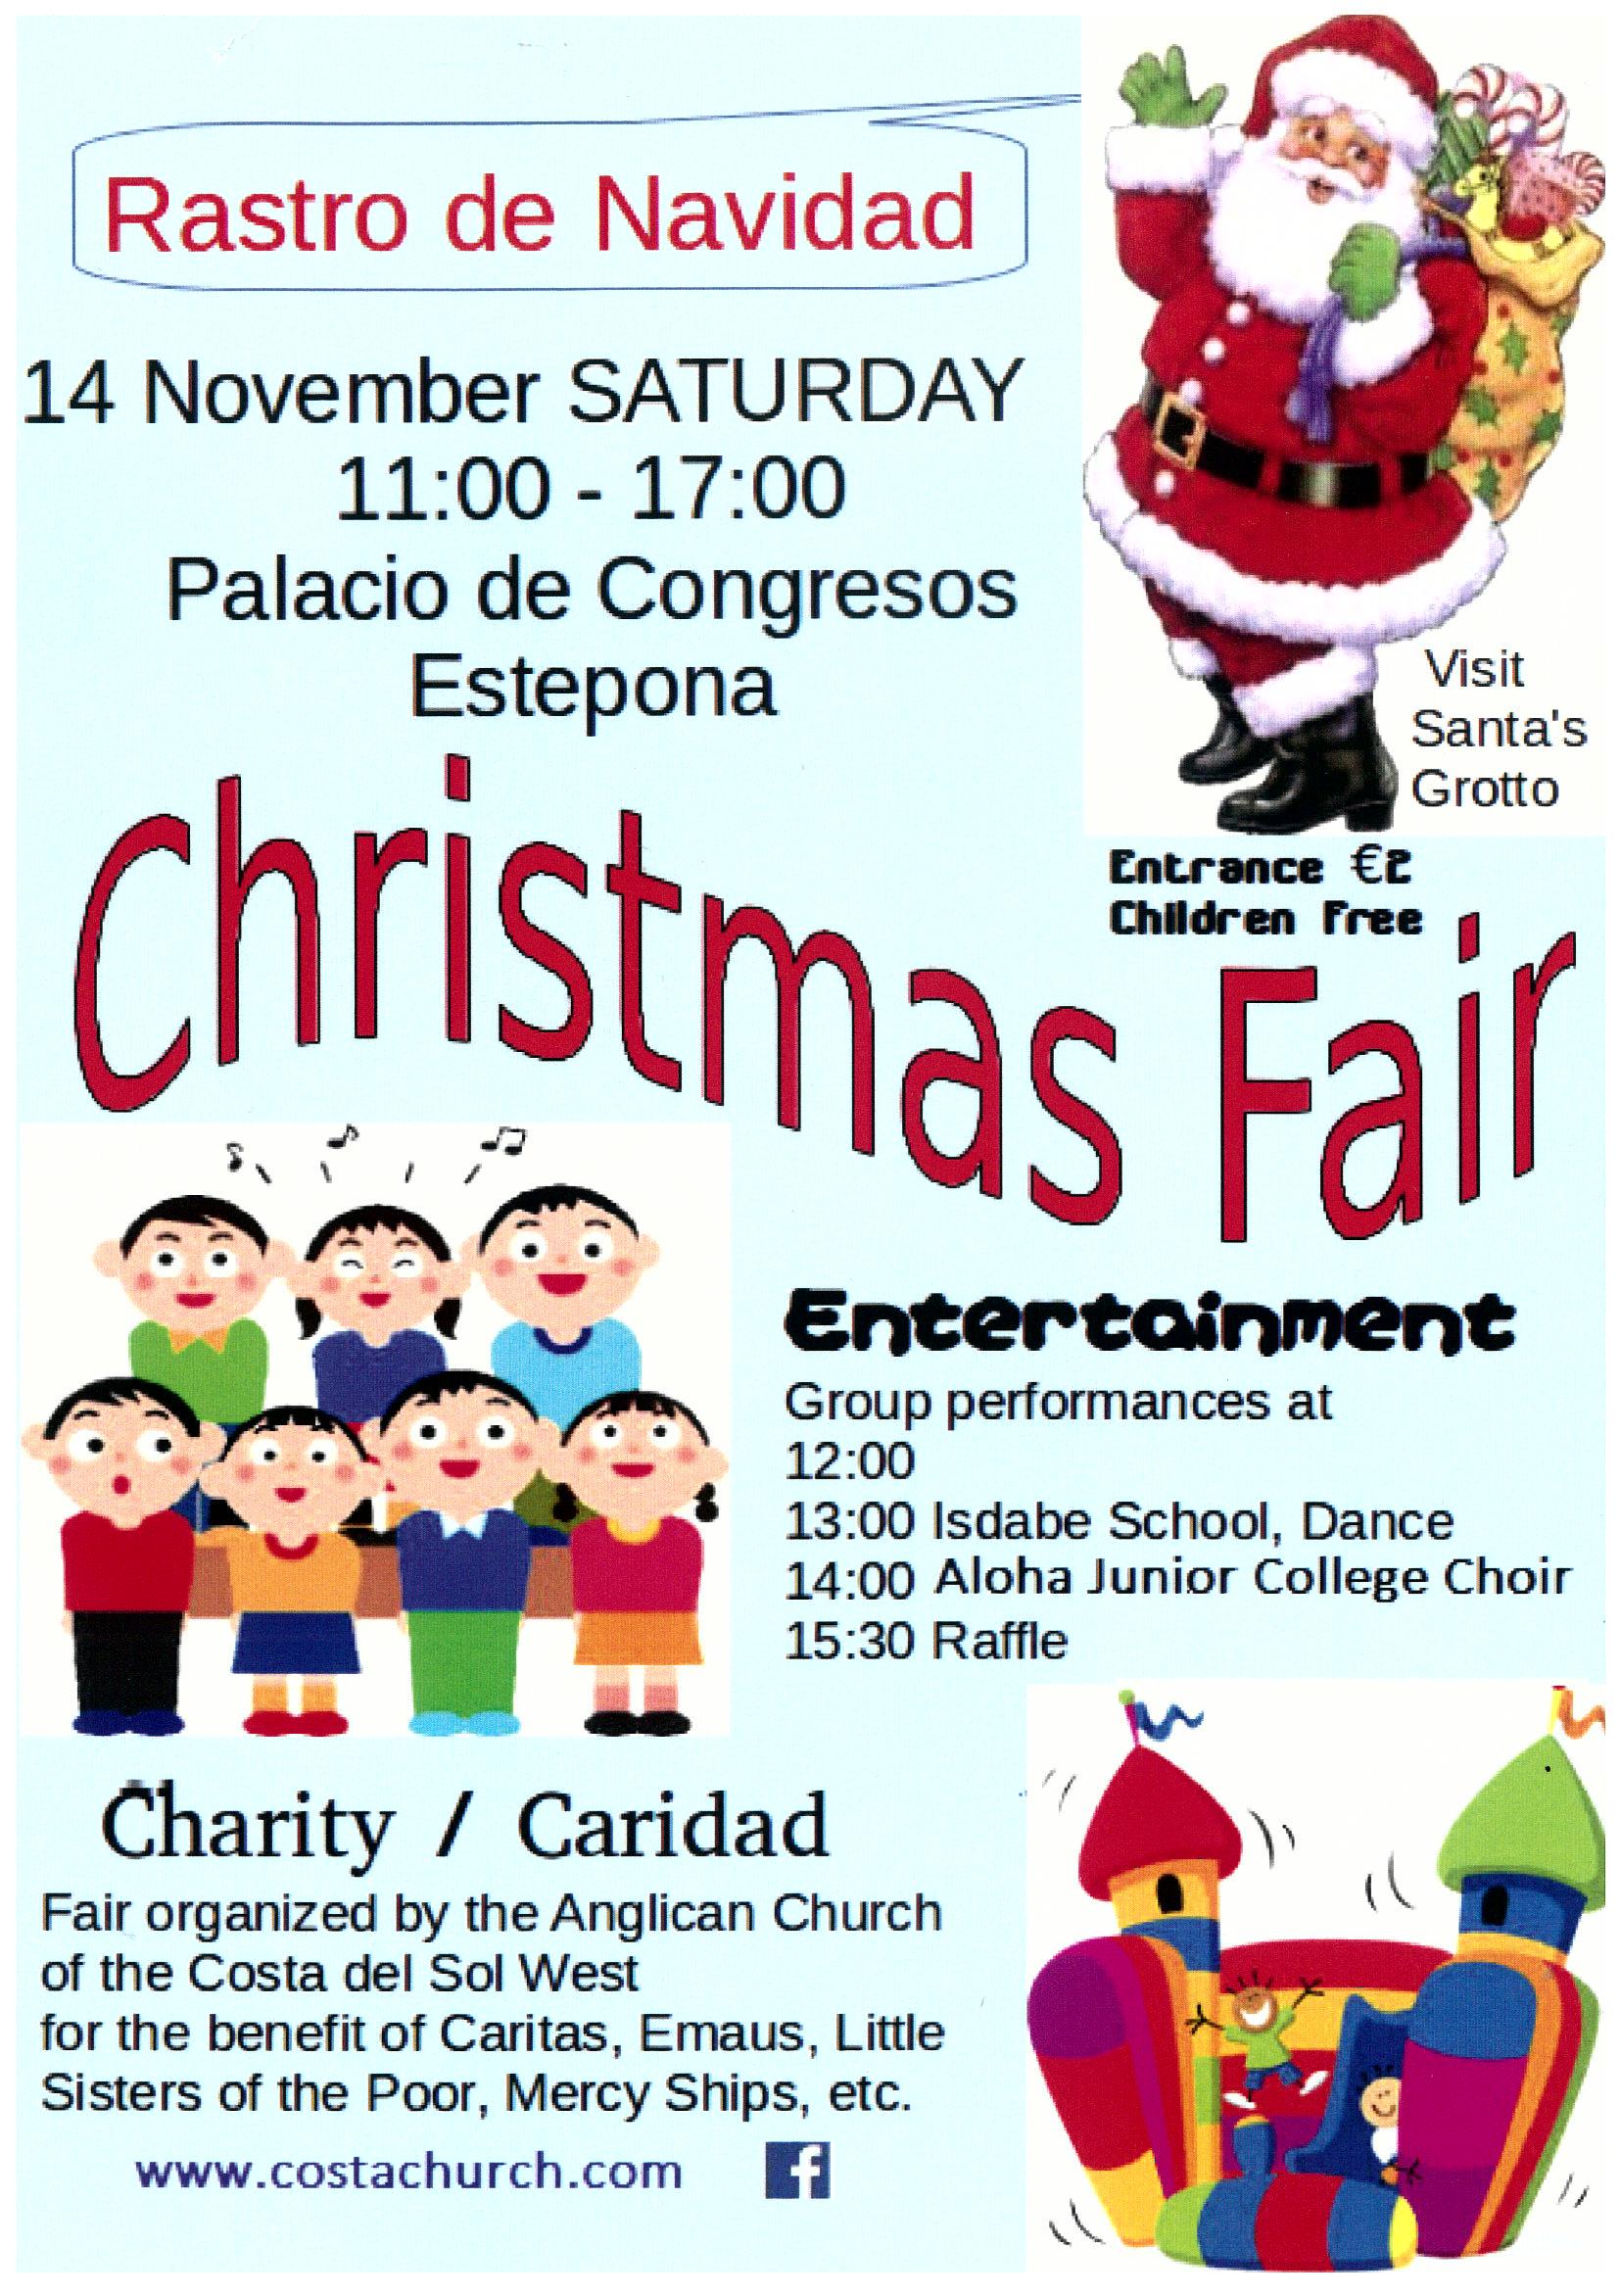 Estepona Charity Christmas Fair 14/11